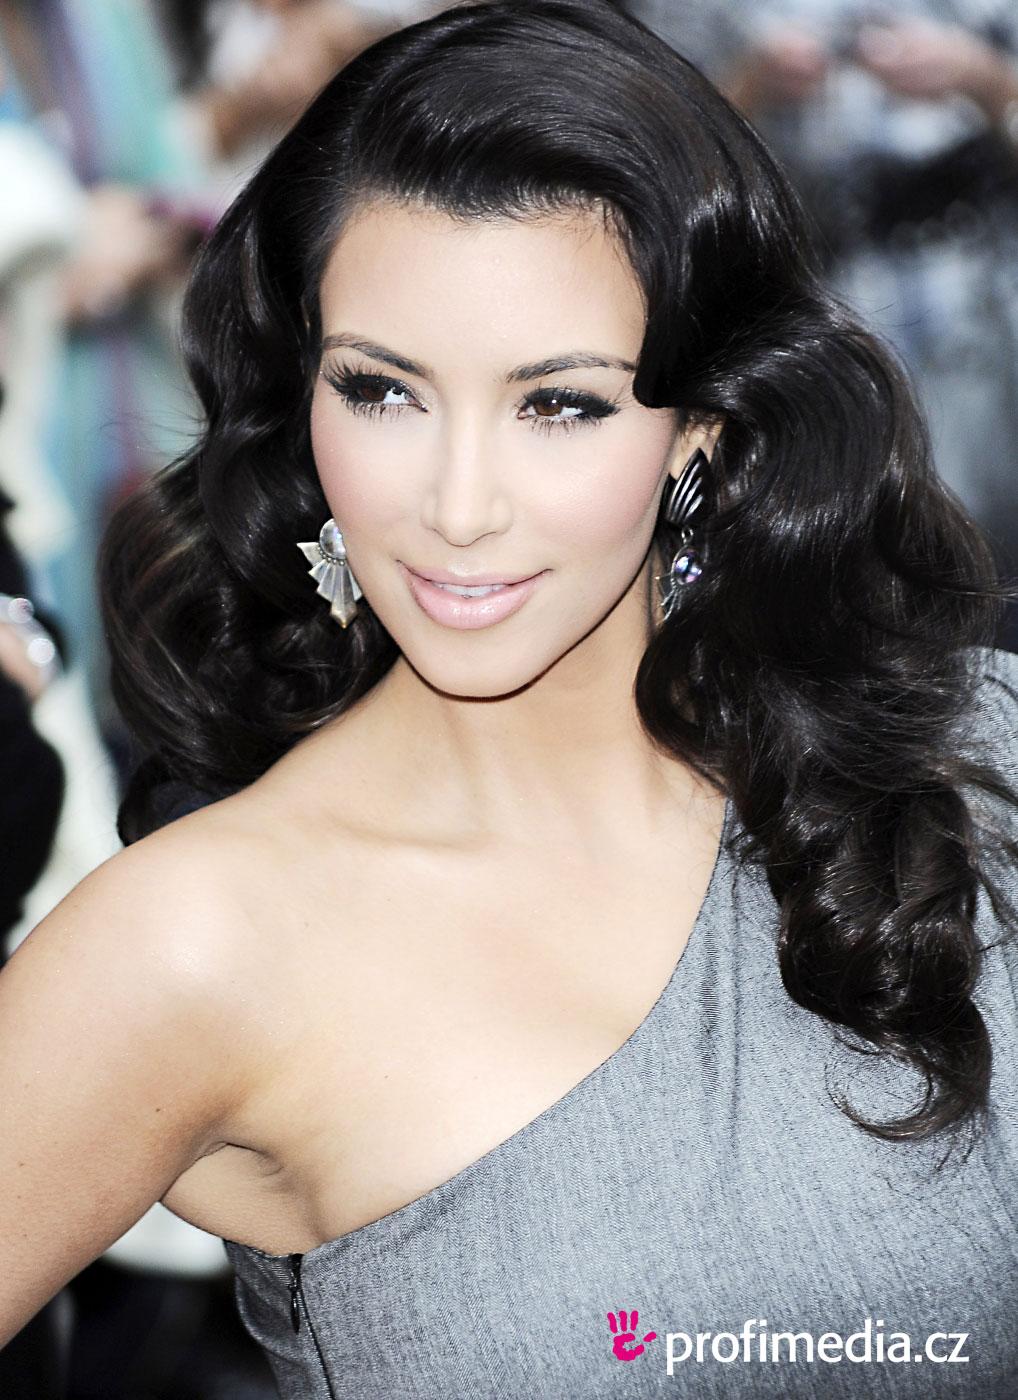 Kim hairstyles kardashian new photo